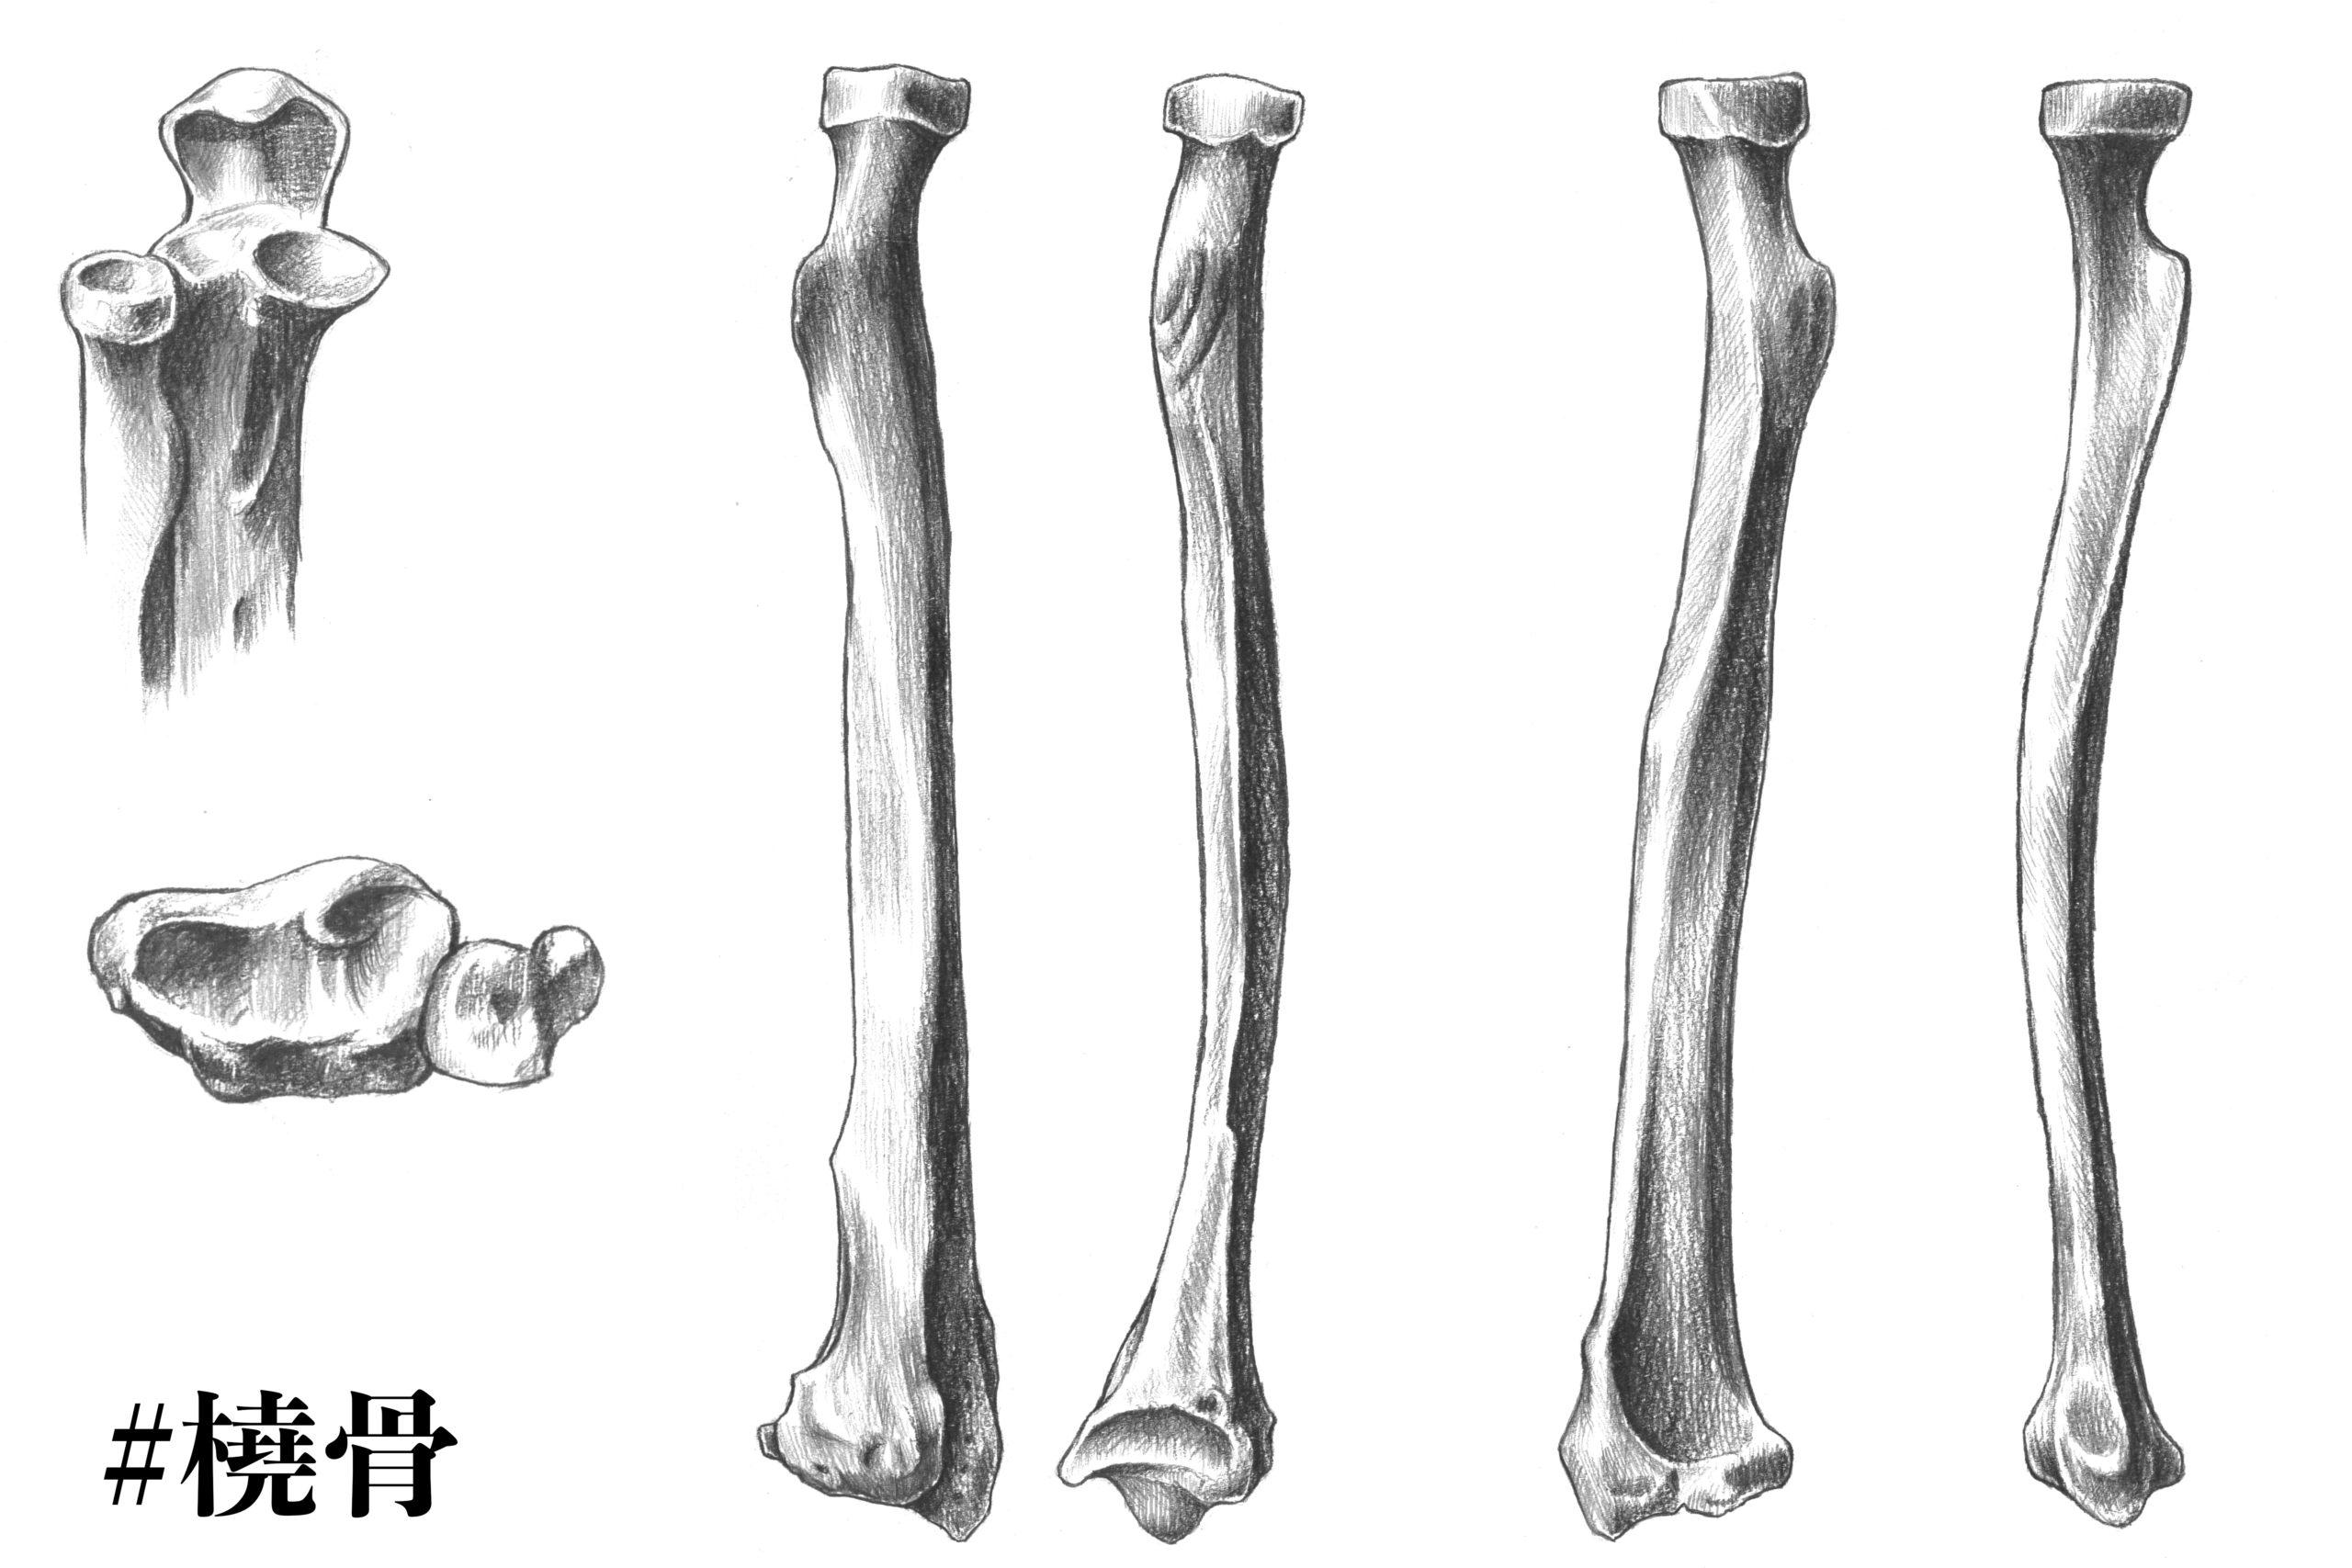 橈骨についてのスケッチ